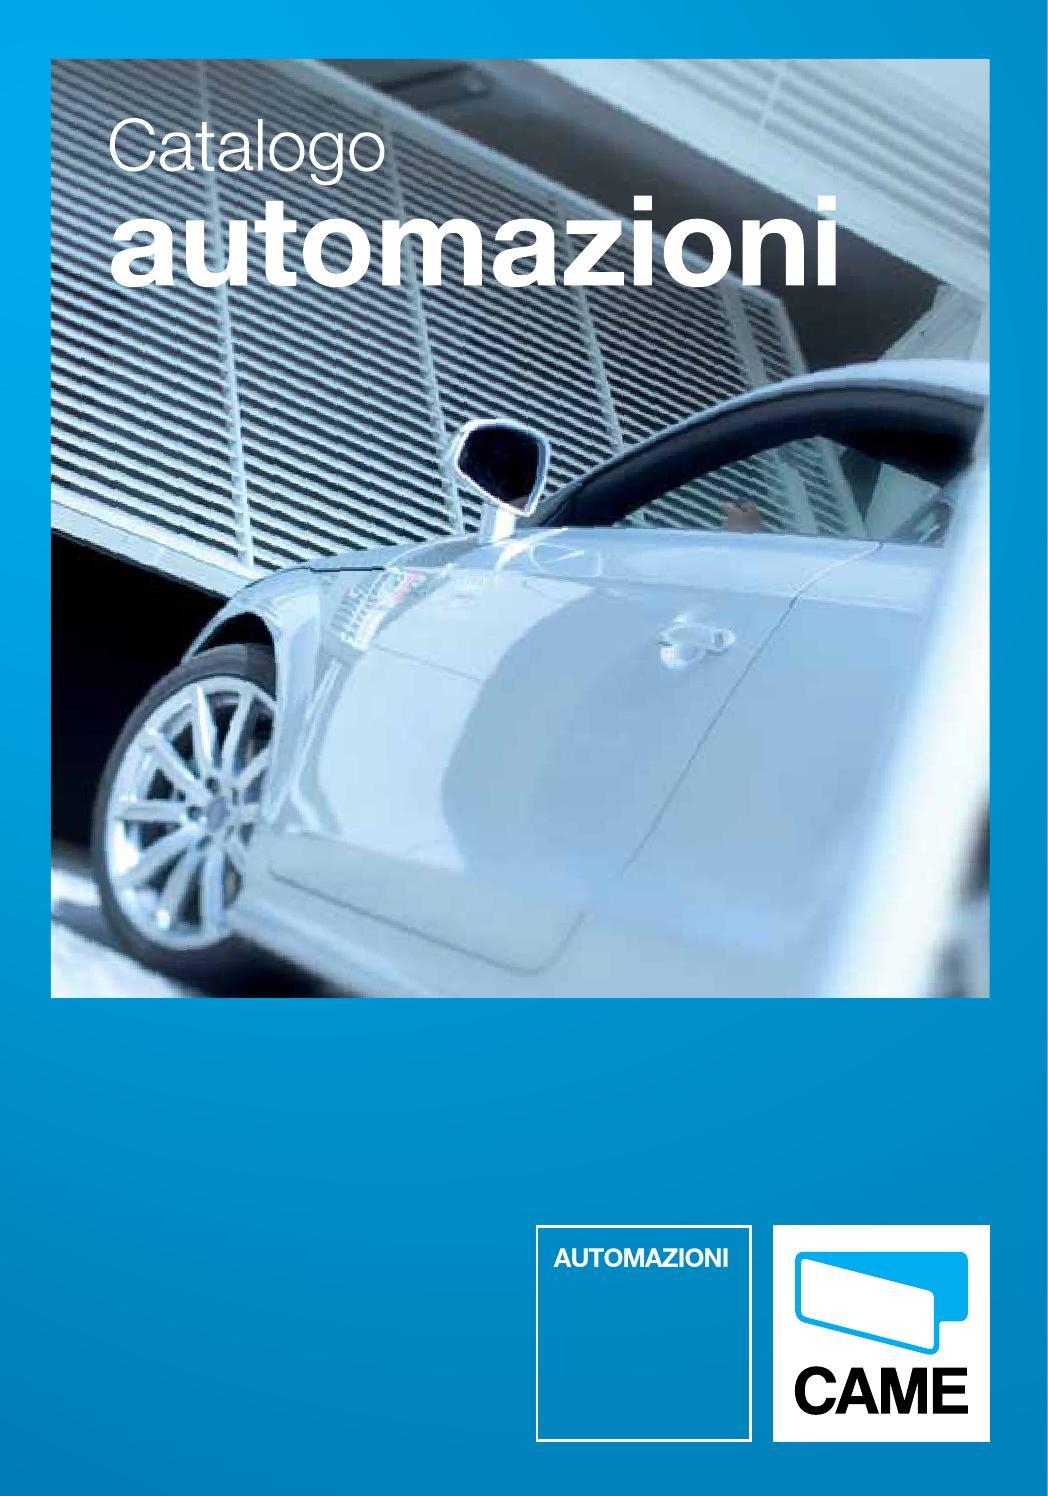 Catalogo Automazioni Came By Automazione Residenziale S R L Issuu